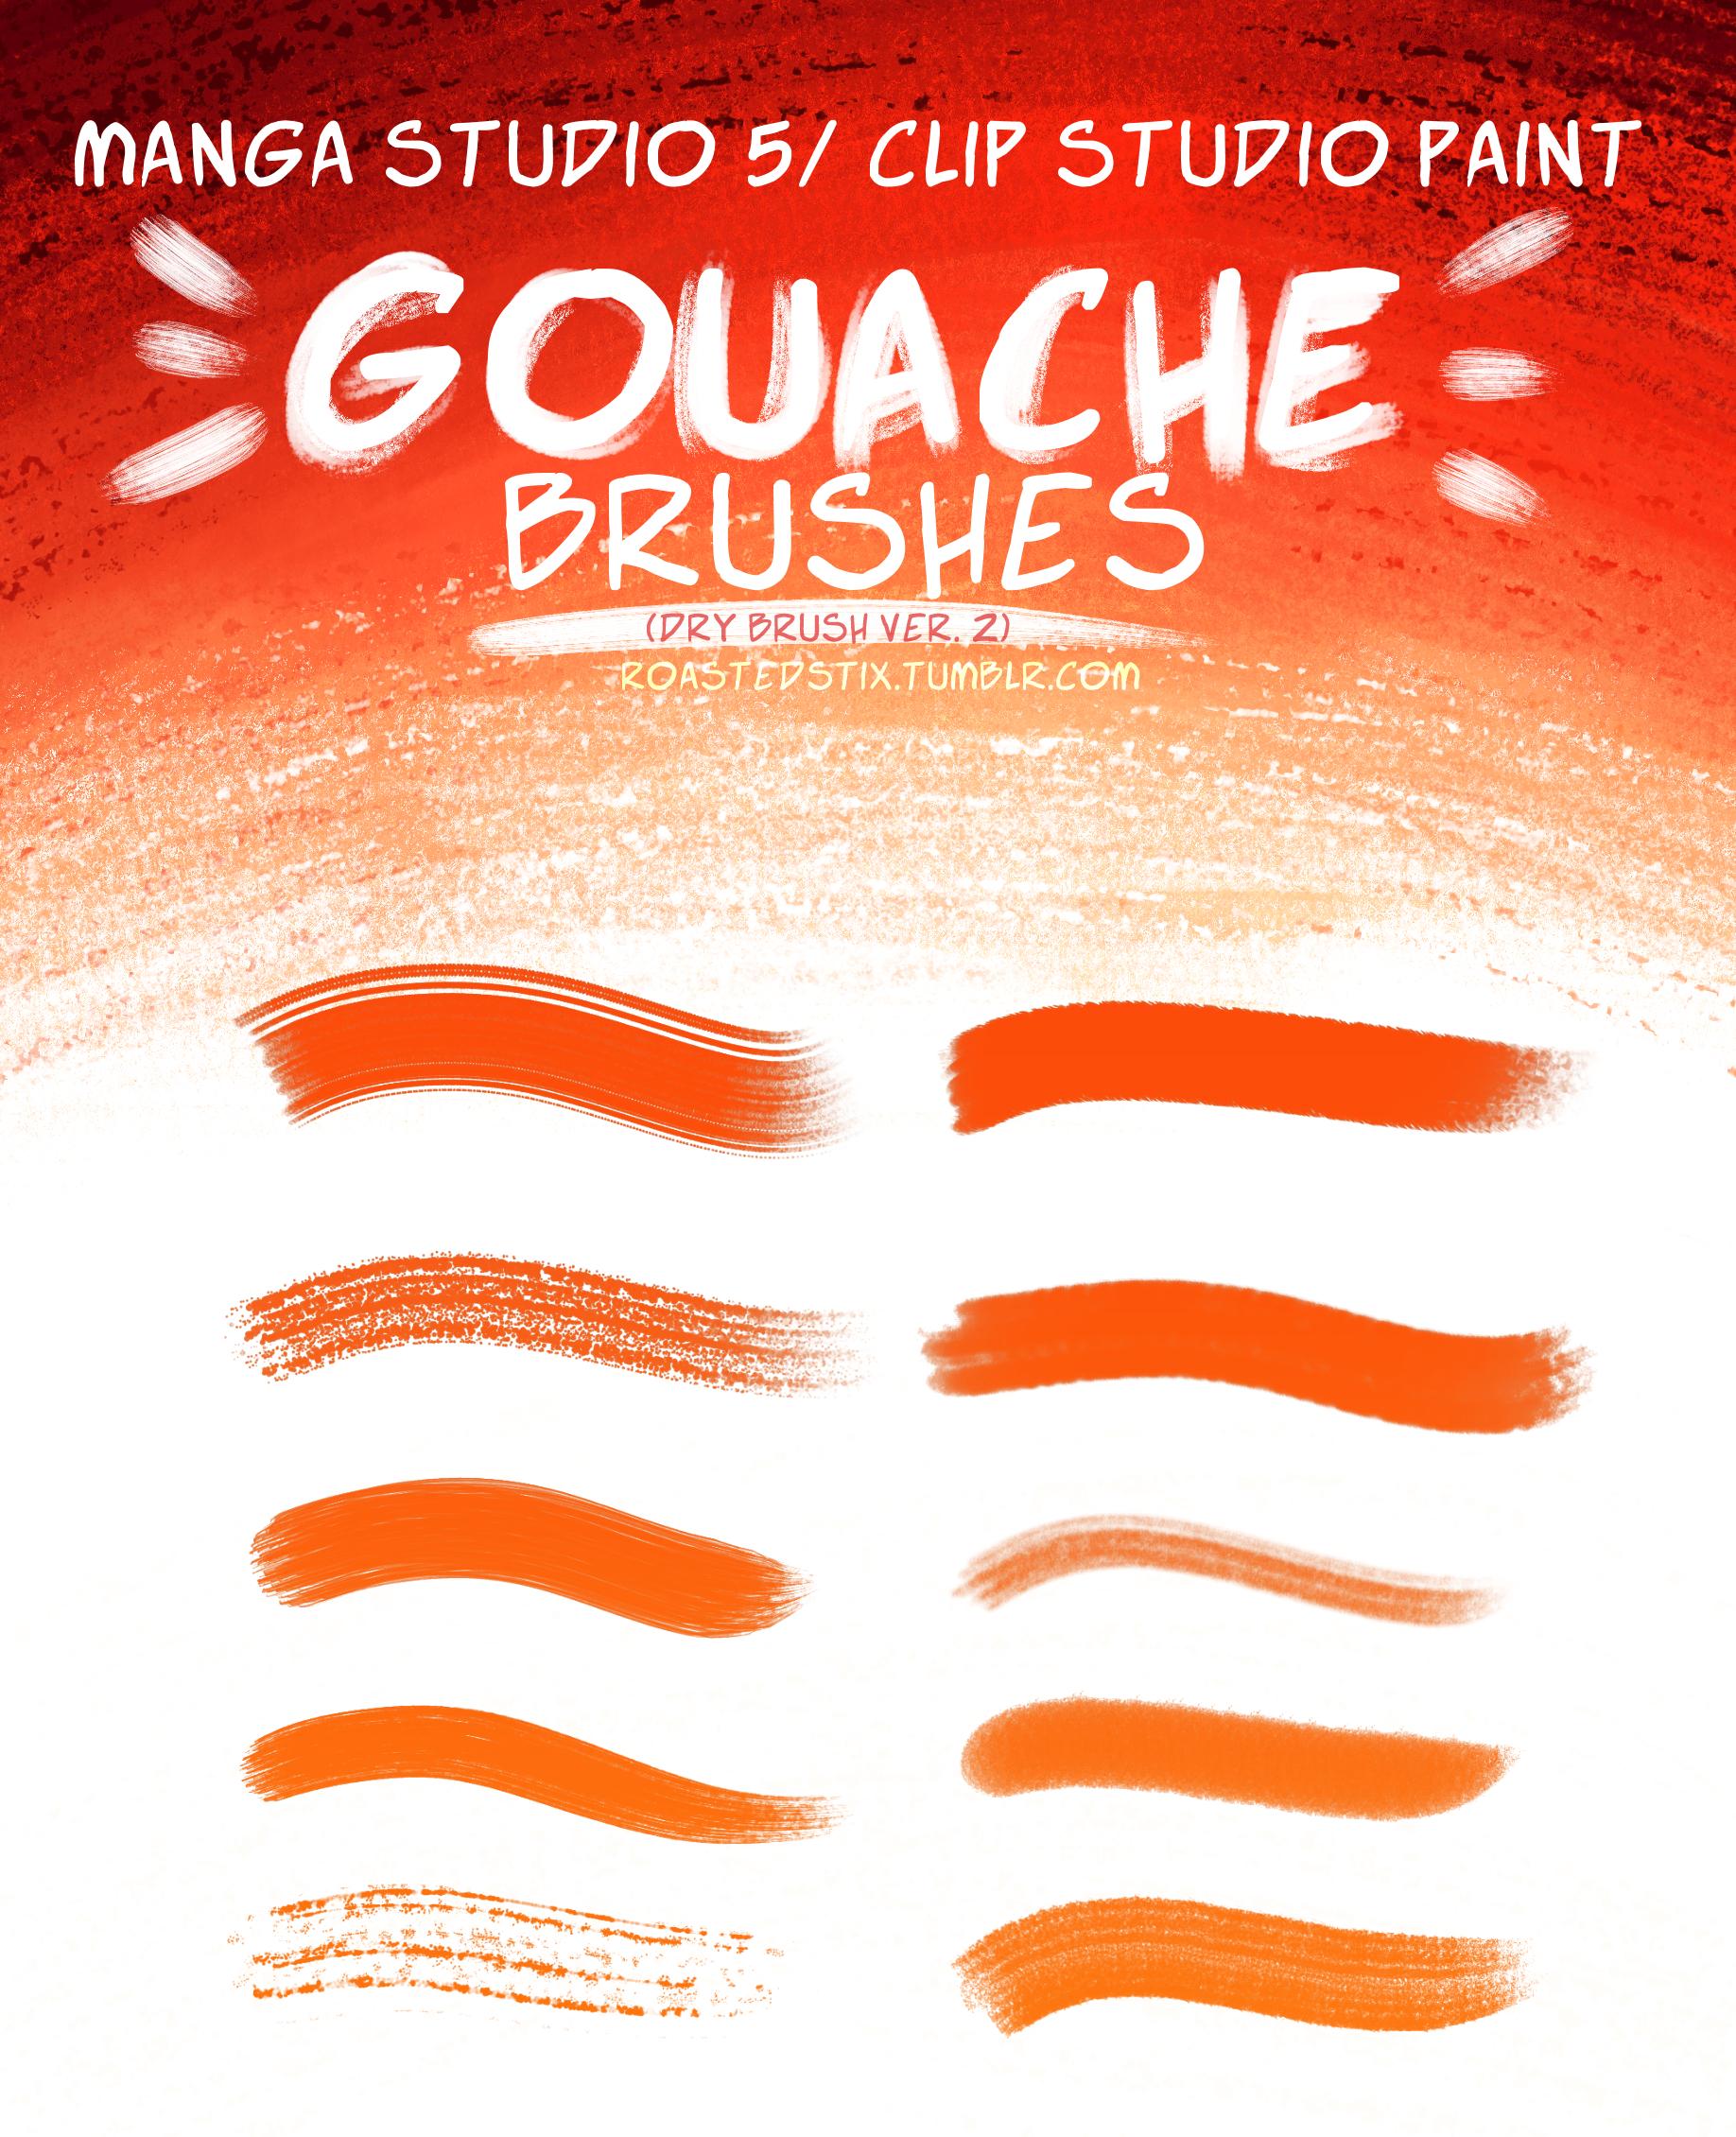 Gouache Brush Set for Manga Studio (Dry Brysh v.2)